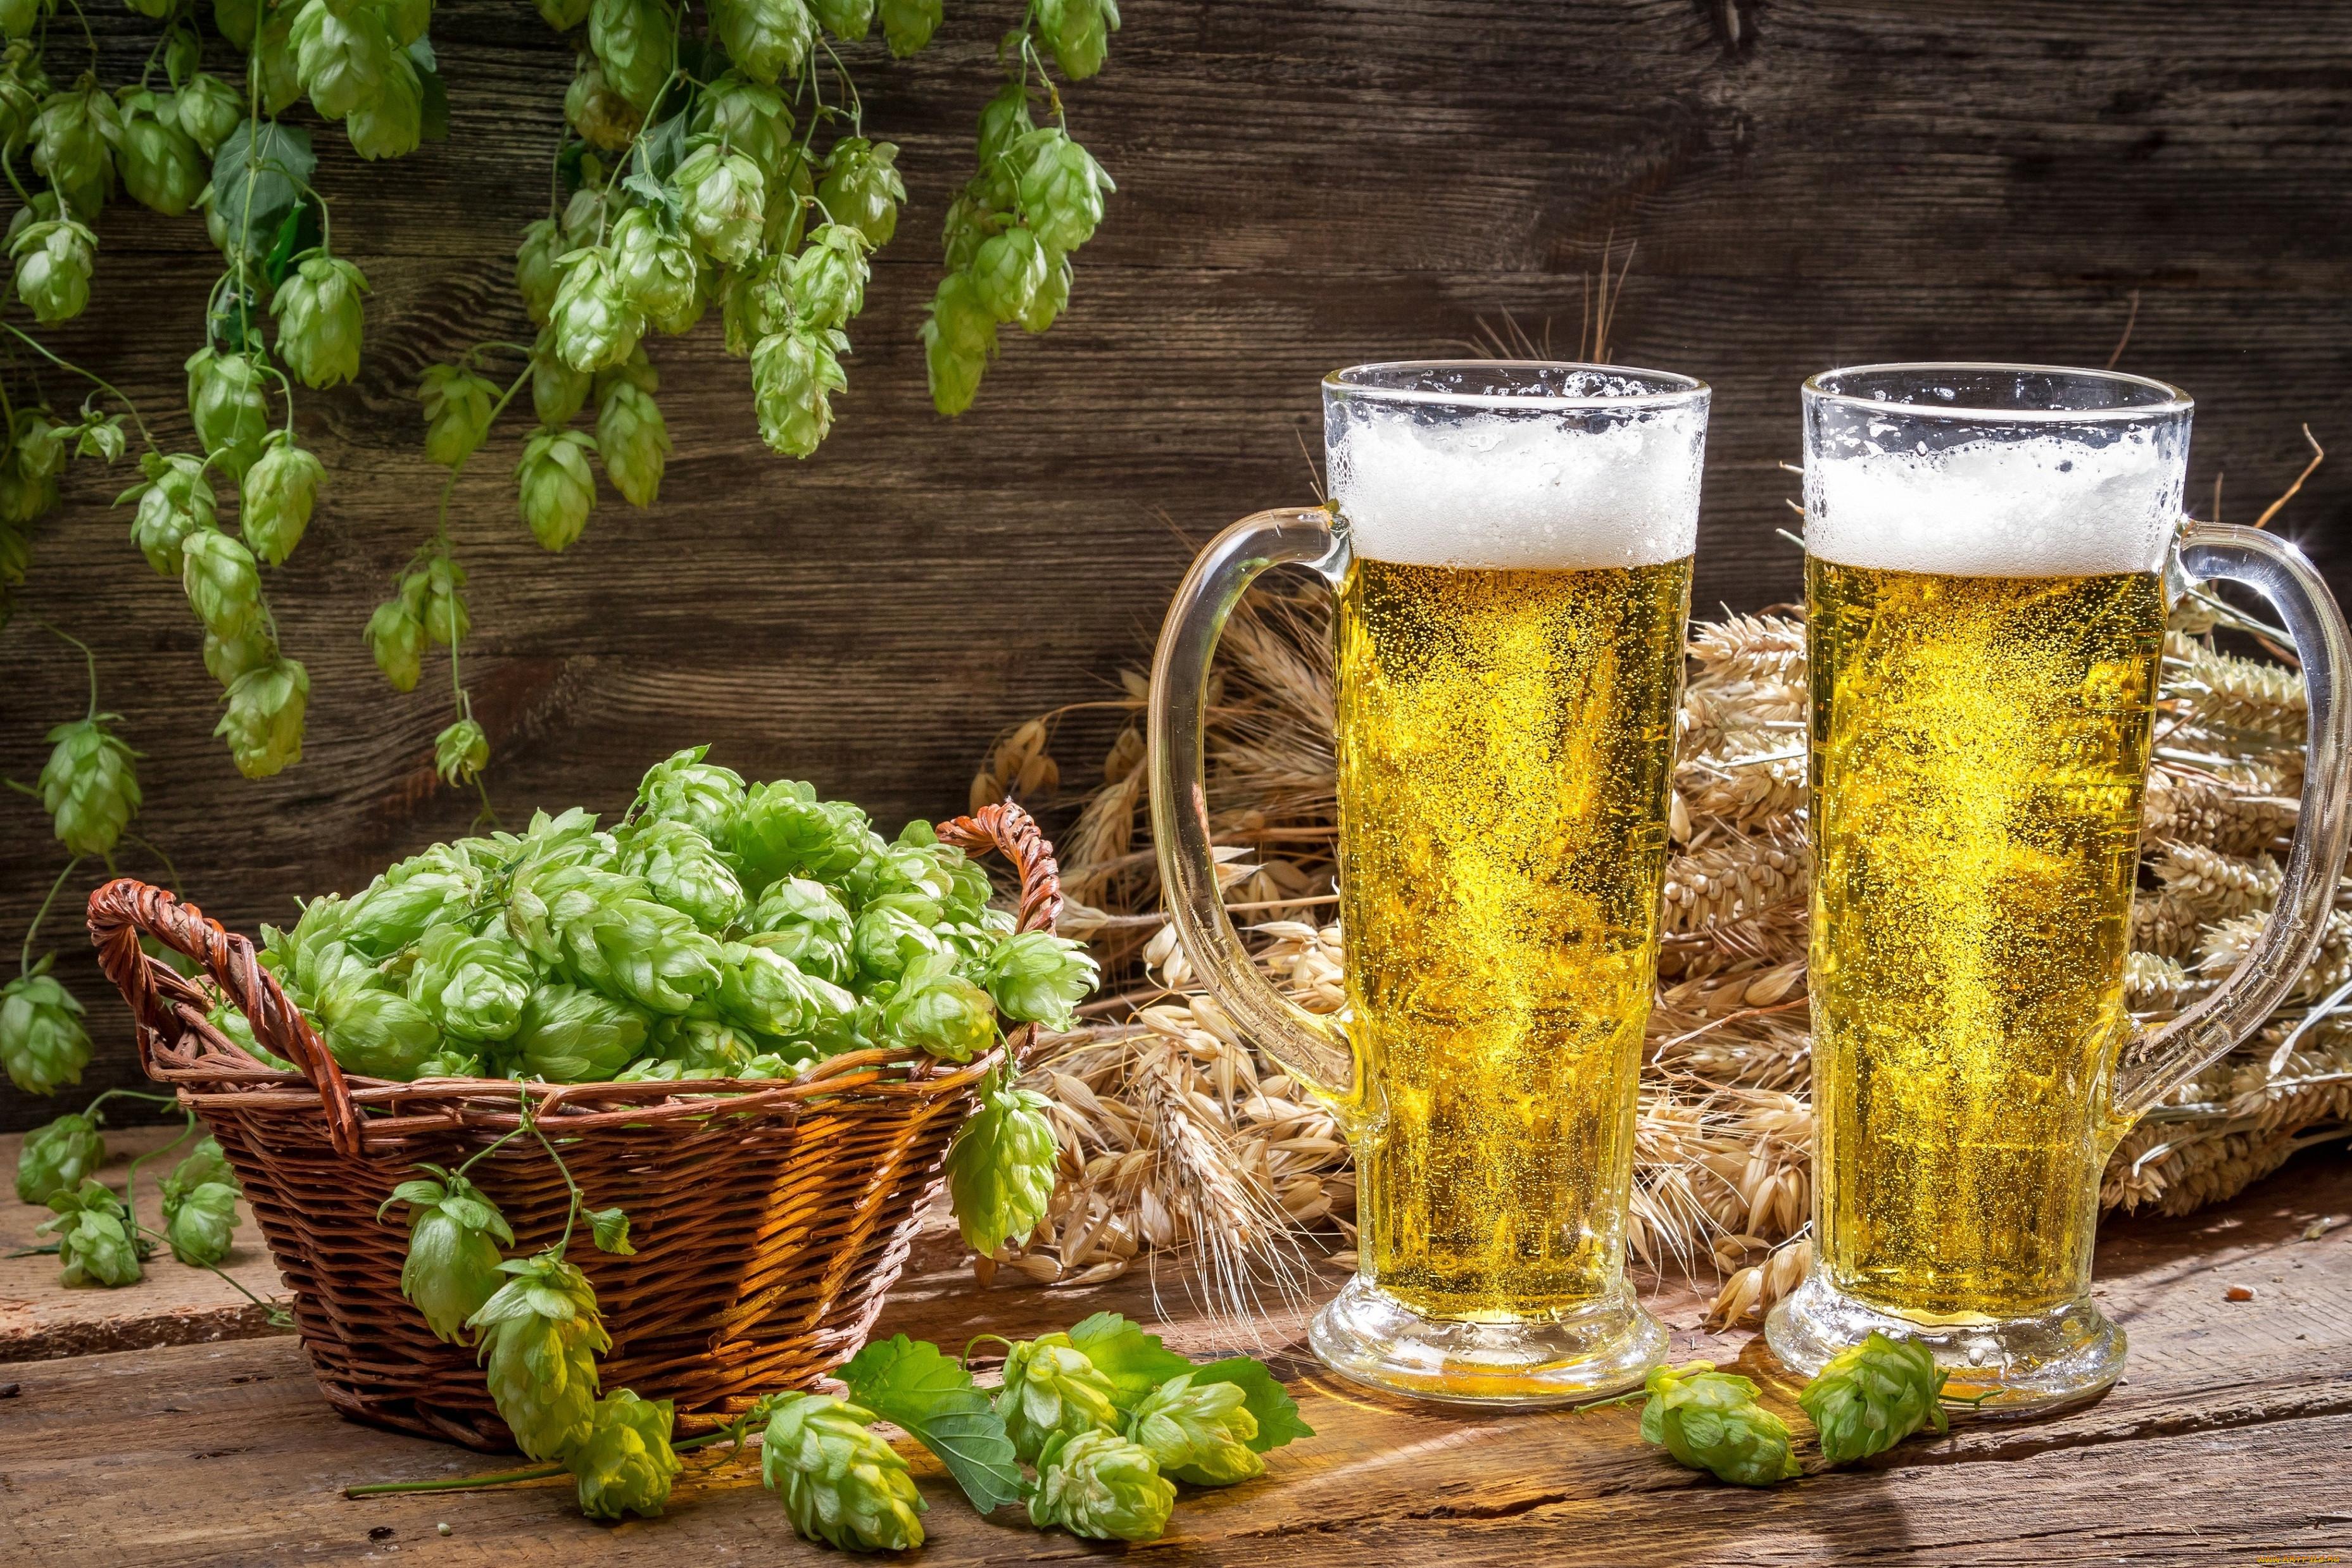 Картинки про пиво в хорошем качестве поможет подобрать